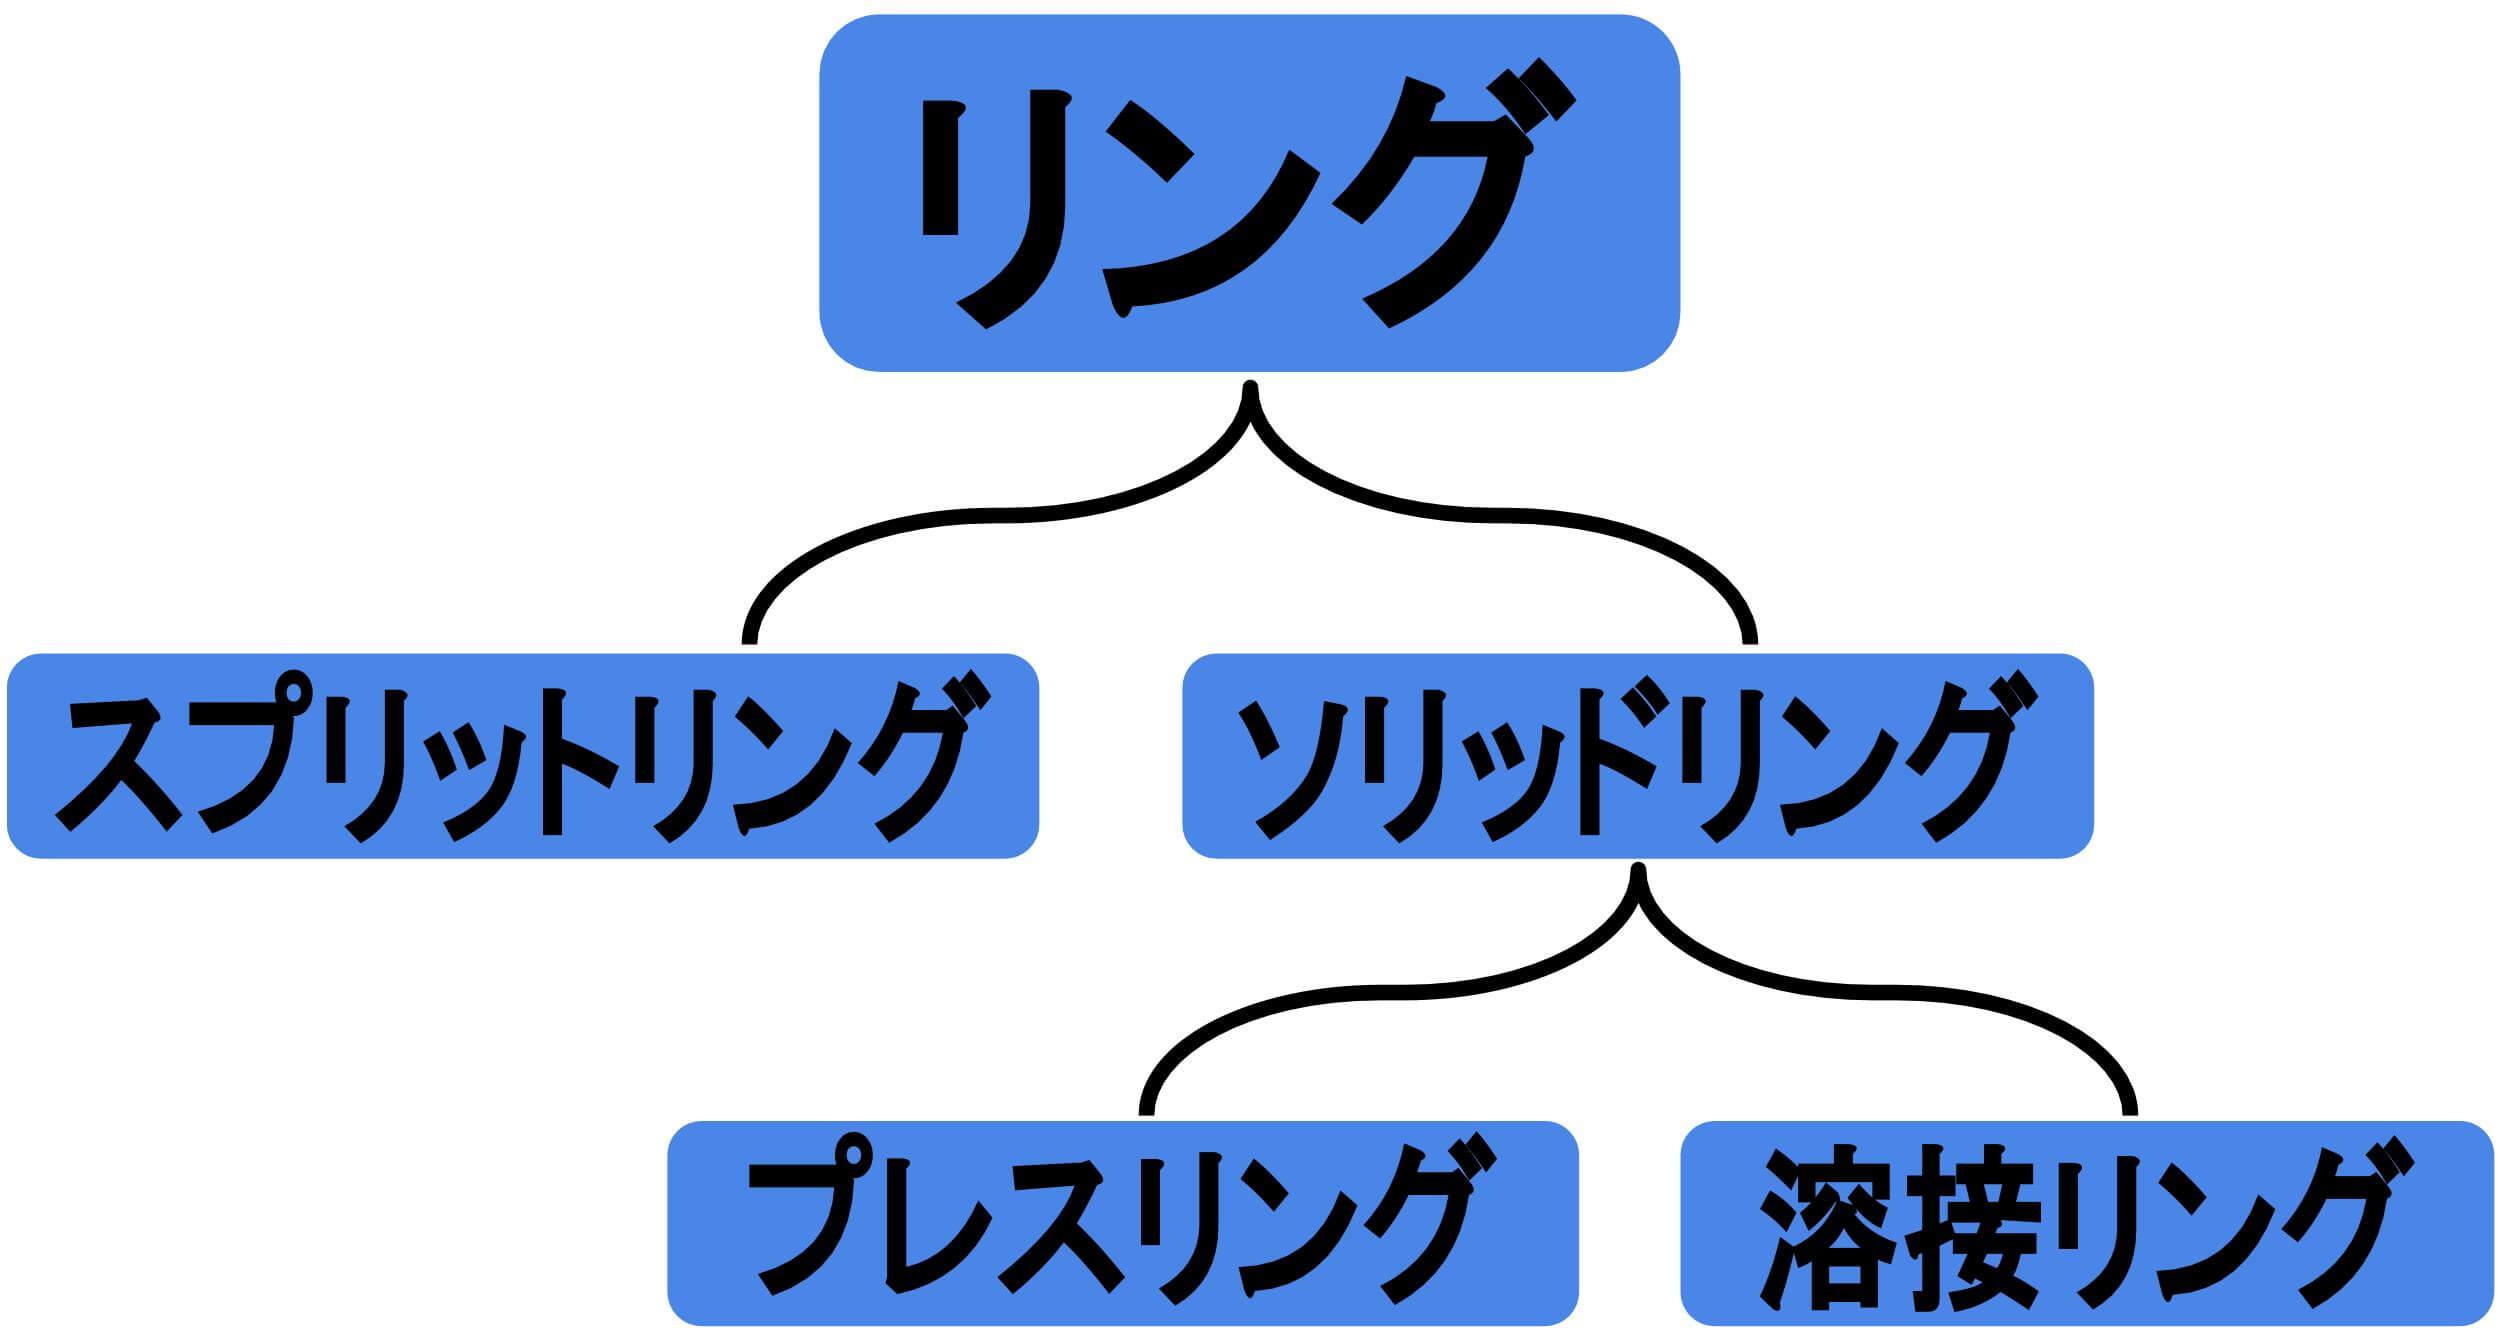 プレスリング・スプリットリング・ソリッドリング・溶接リングの相関図